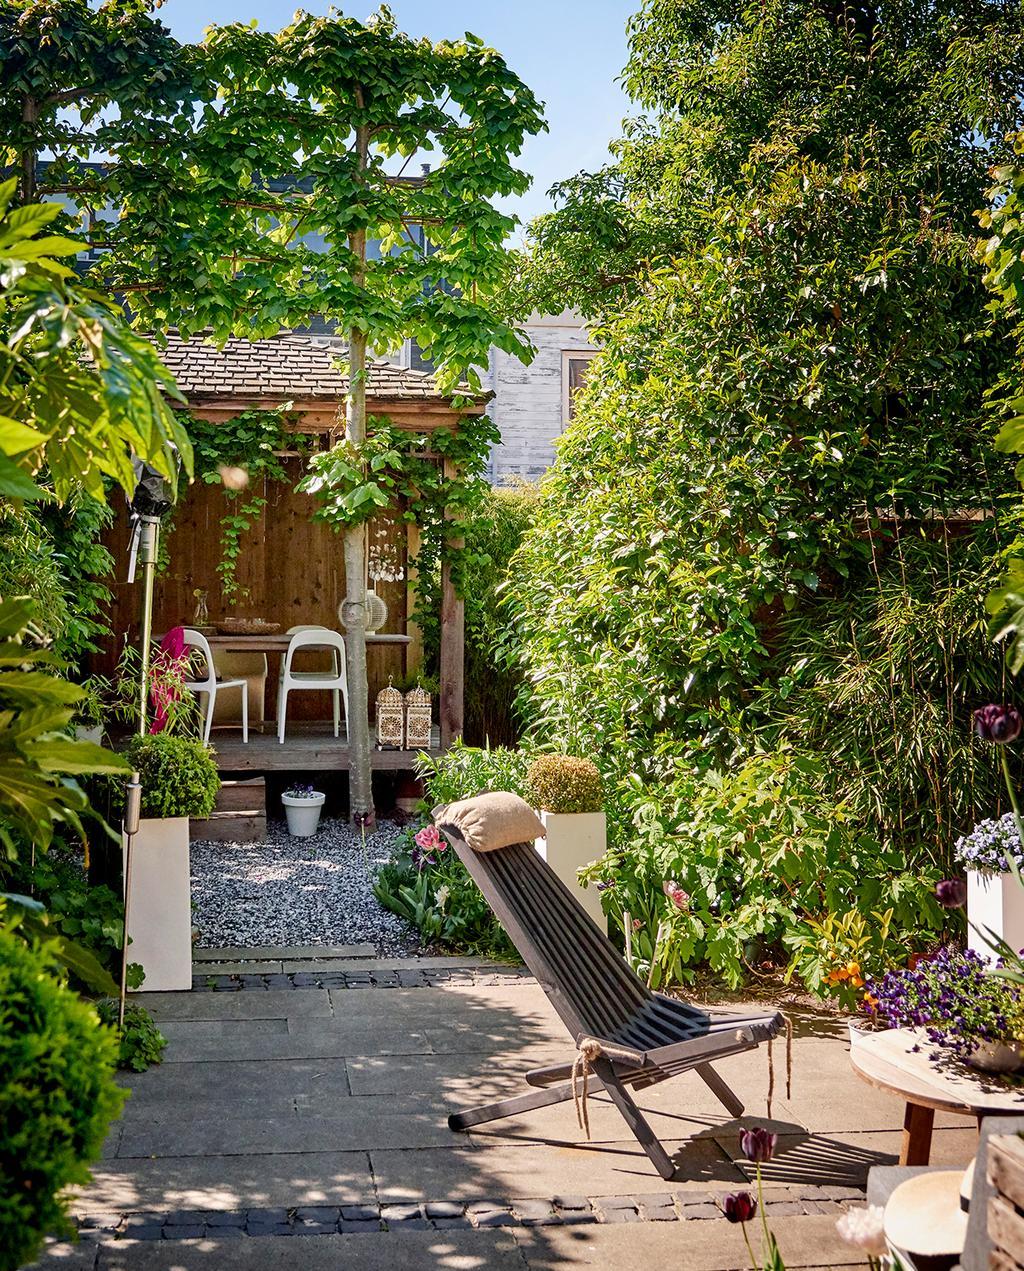 vtwonen 04-2020 | groen tuin met houten veranda binnenkijker Haarlem